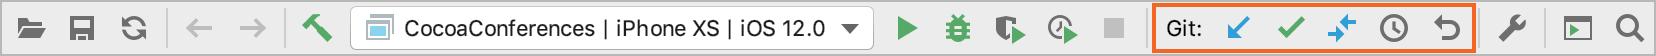 VCS toolbar